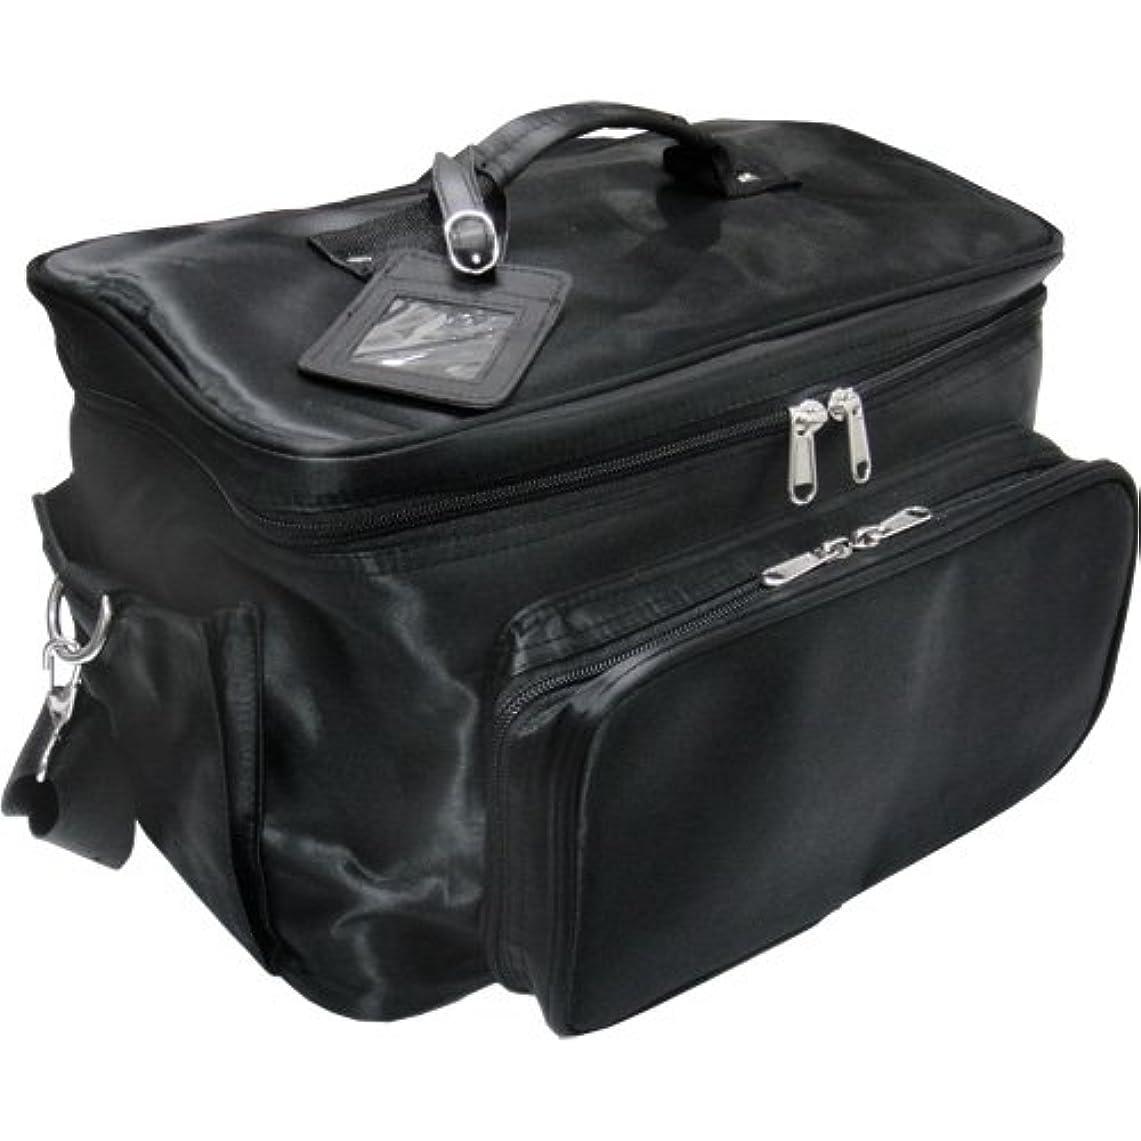 直接ファイアル立方体軽量バニティーバック ブラック コスメバッグ、ネイルバッグ、ネイリストバッグ、ナイロンコスメボックス